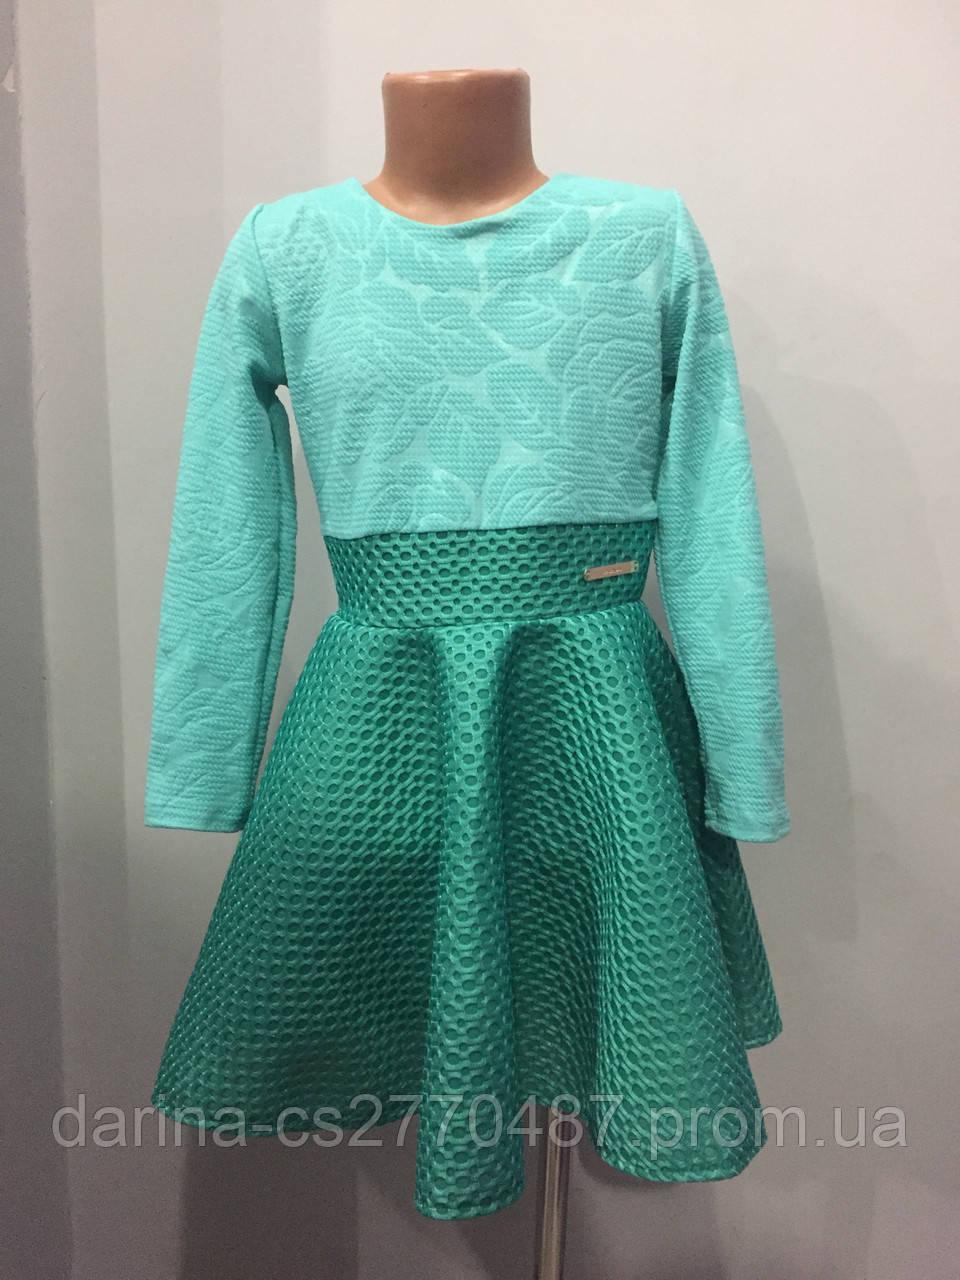 Платье для девочки с юбкой клеш 122-134 см